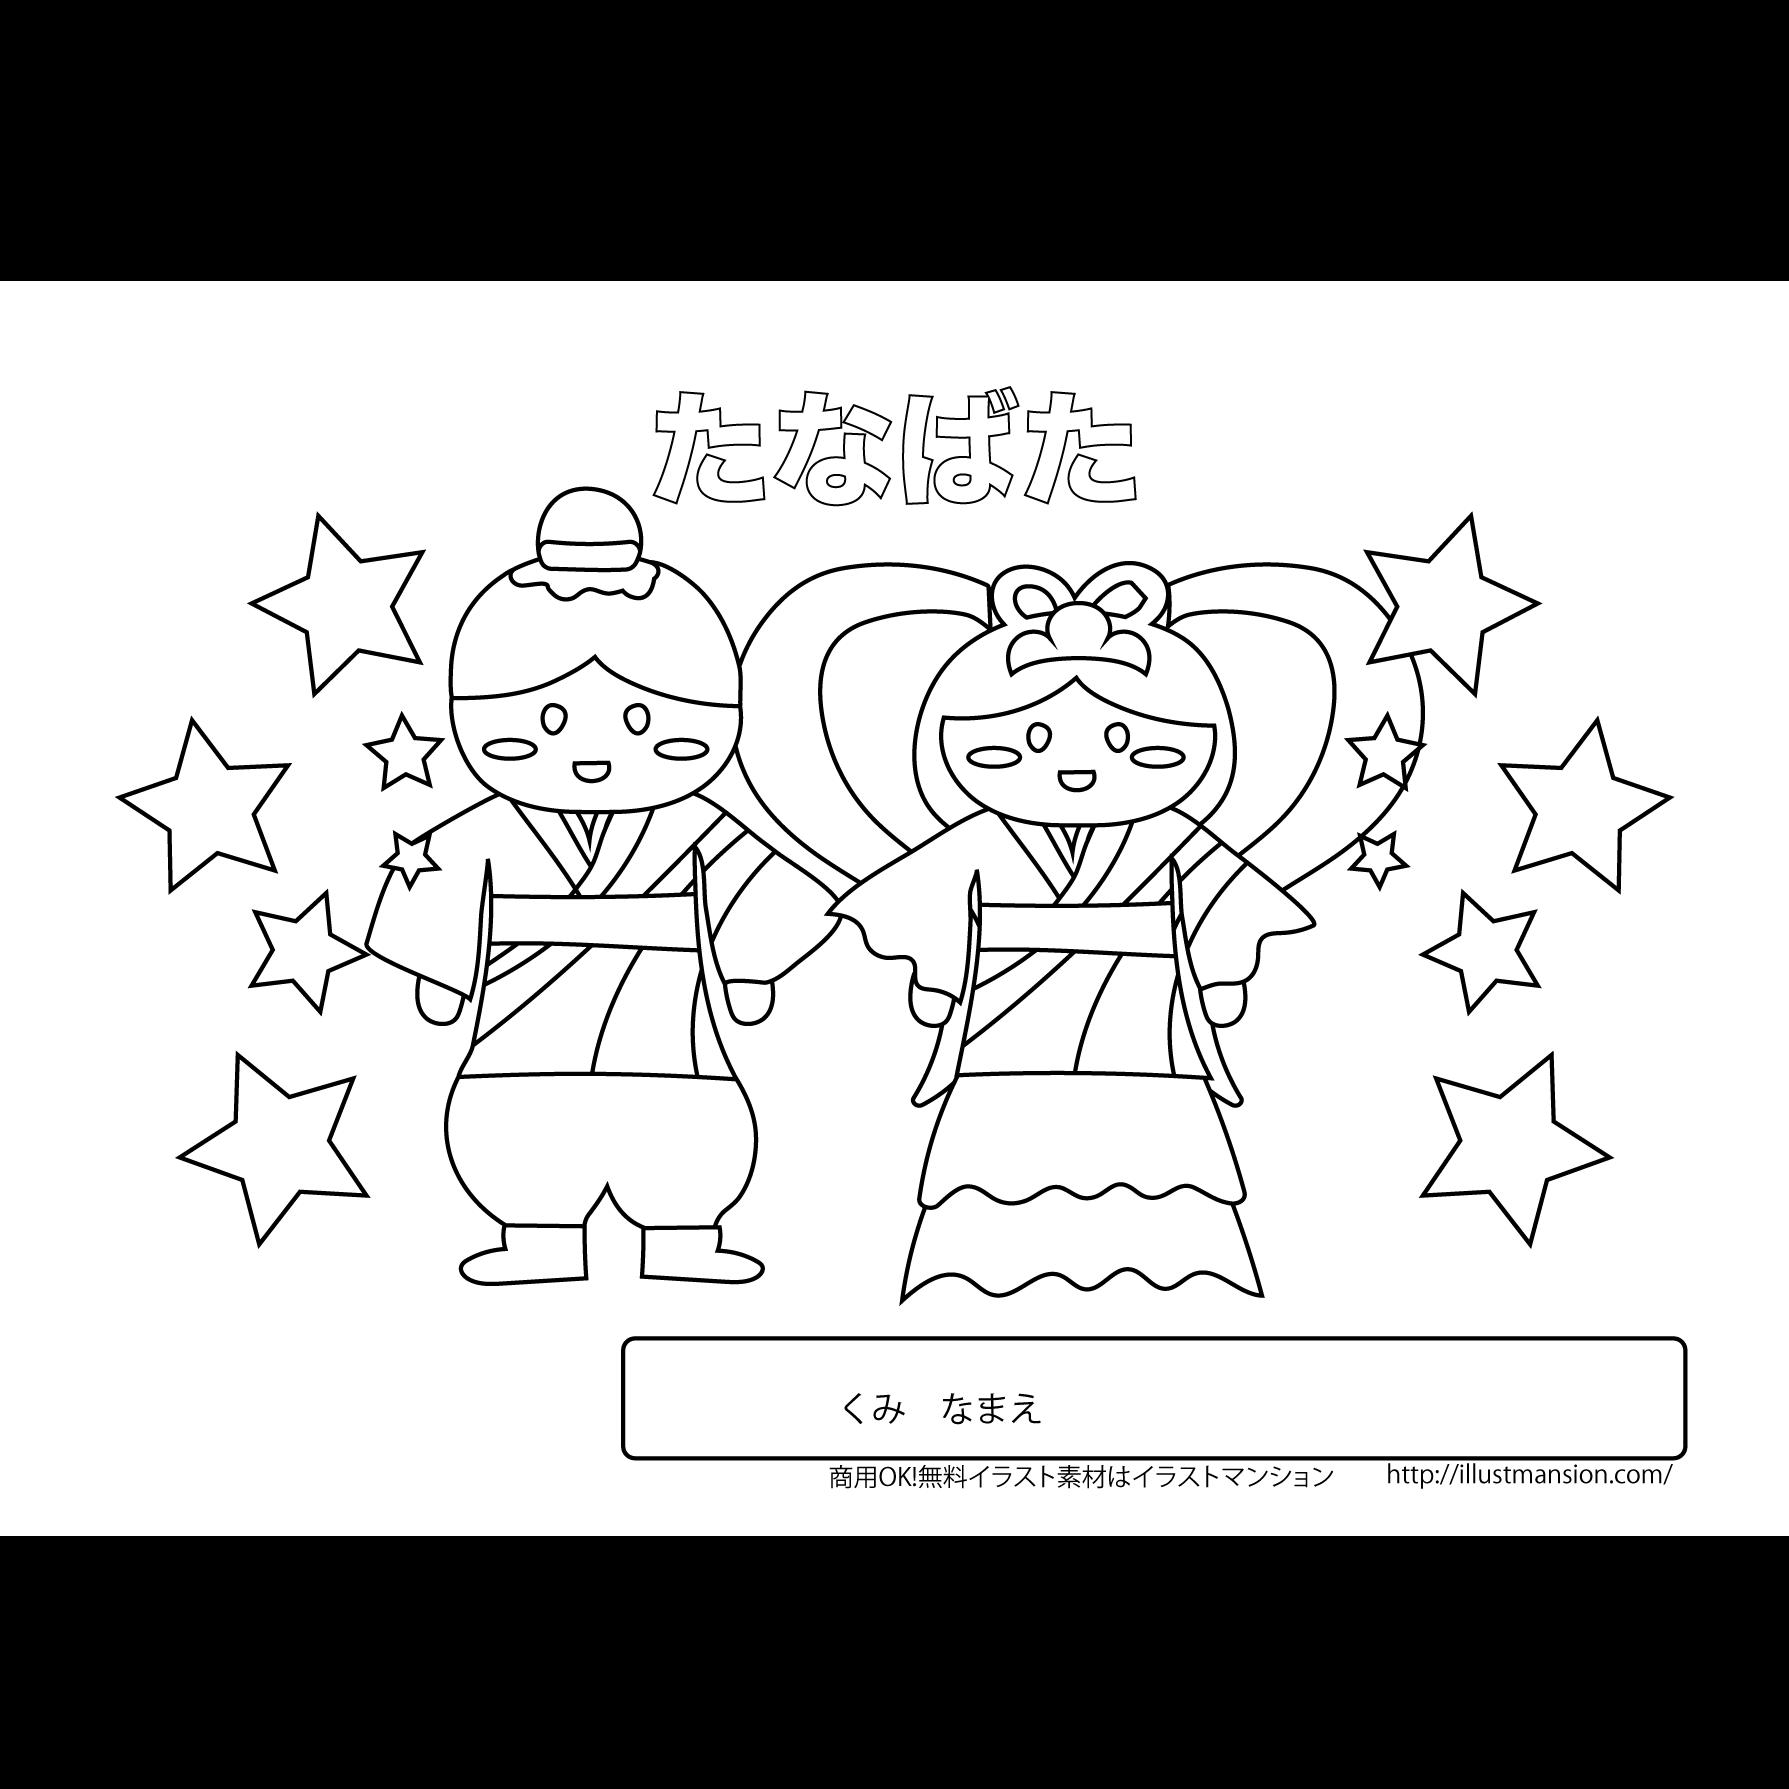 七夕かわいい織姫と彦星 無料 ぬりえ イラスト 商用